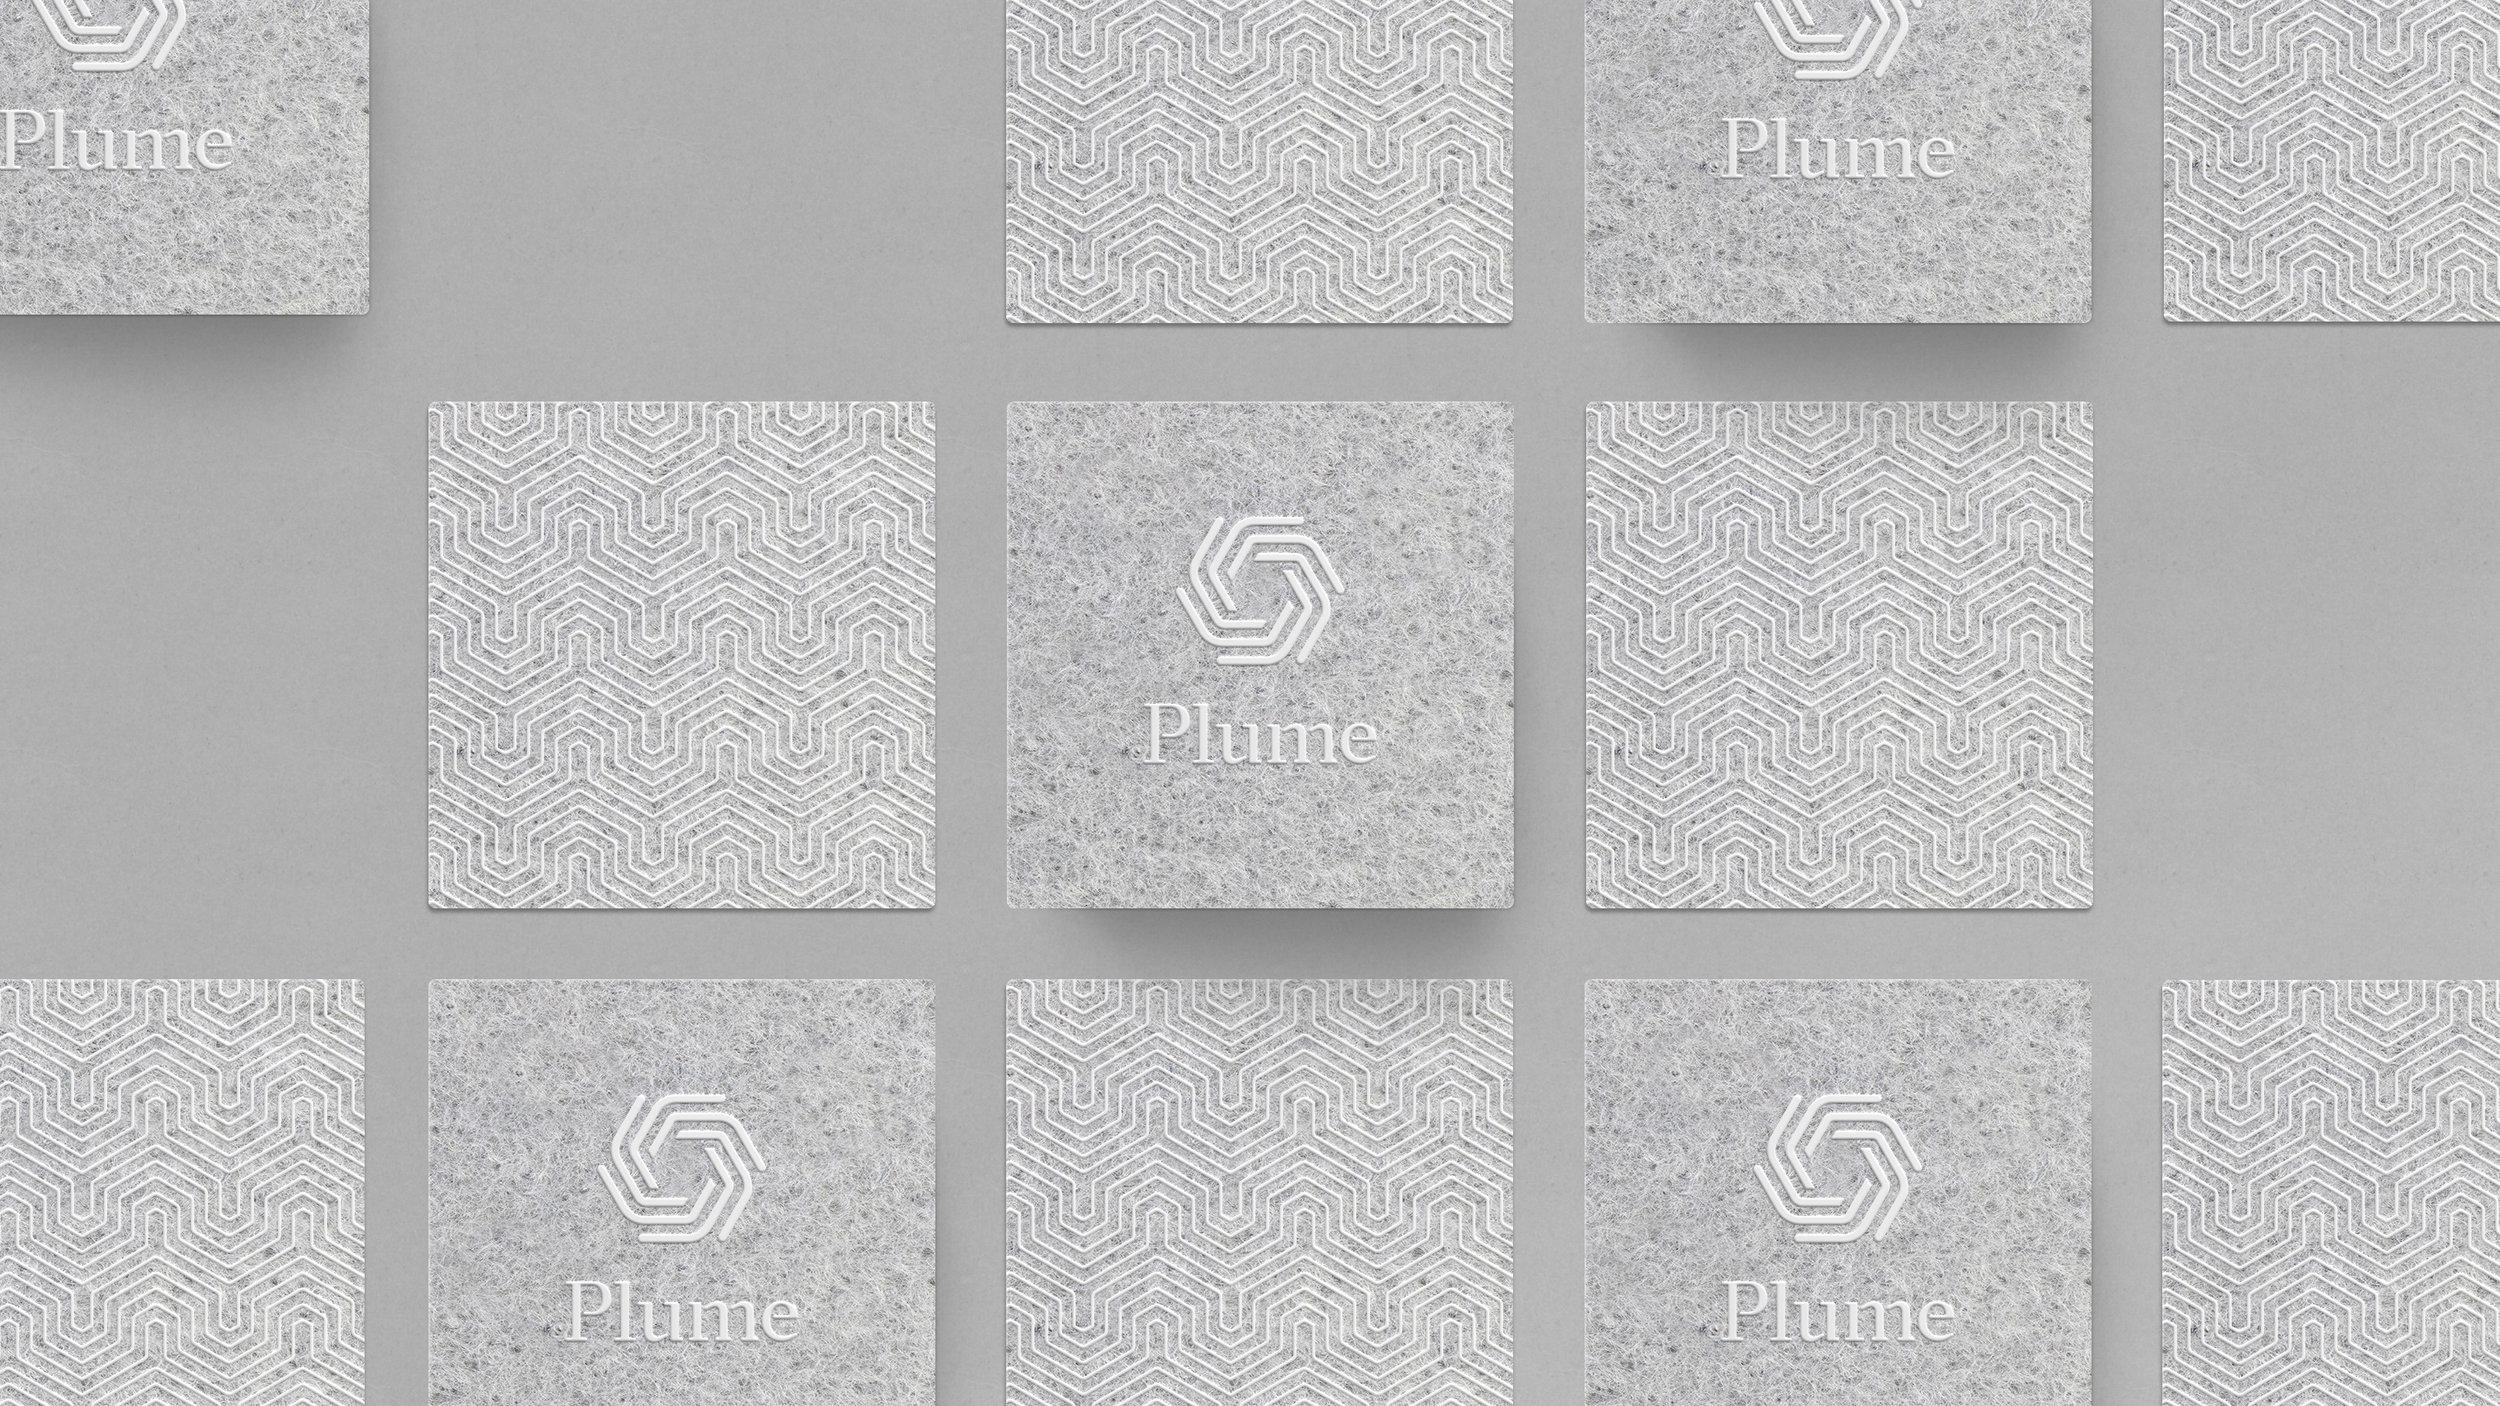 Plume_Coasters_A